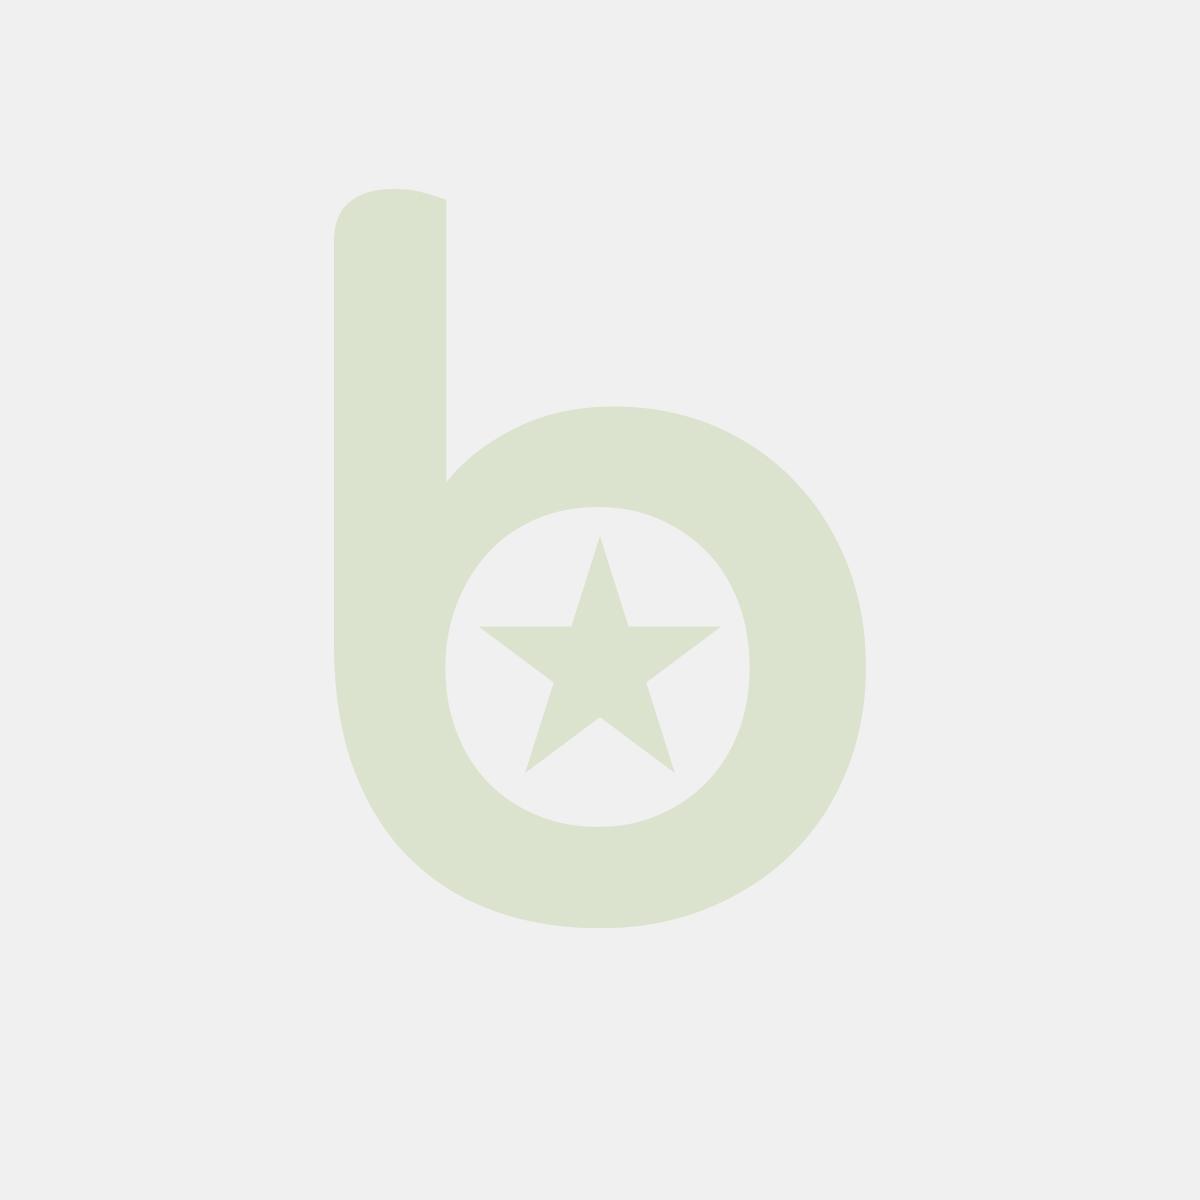 Siatka wędliniarska 14/28/3 EB rolka 50m